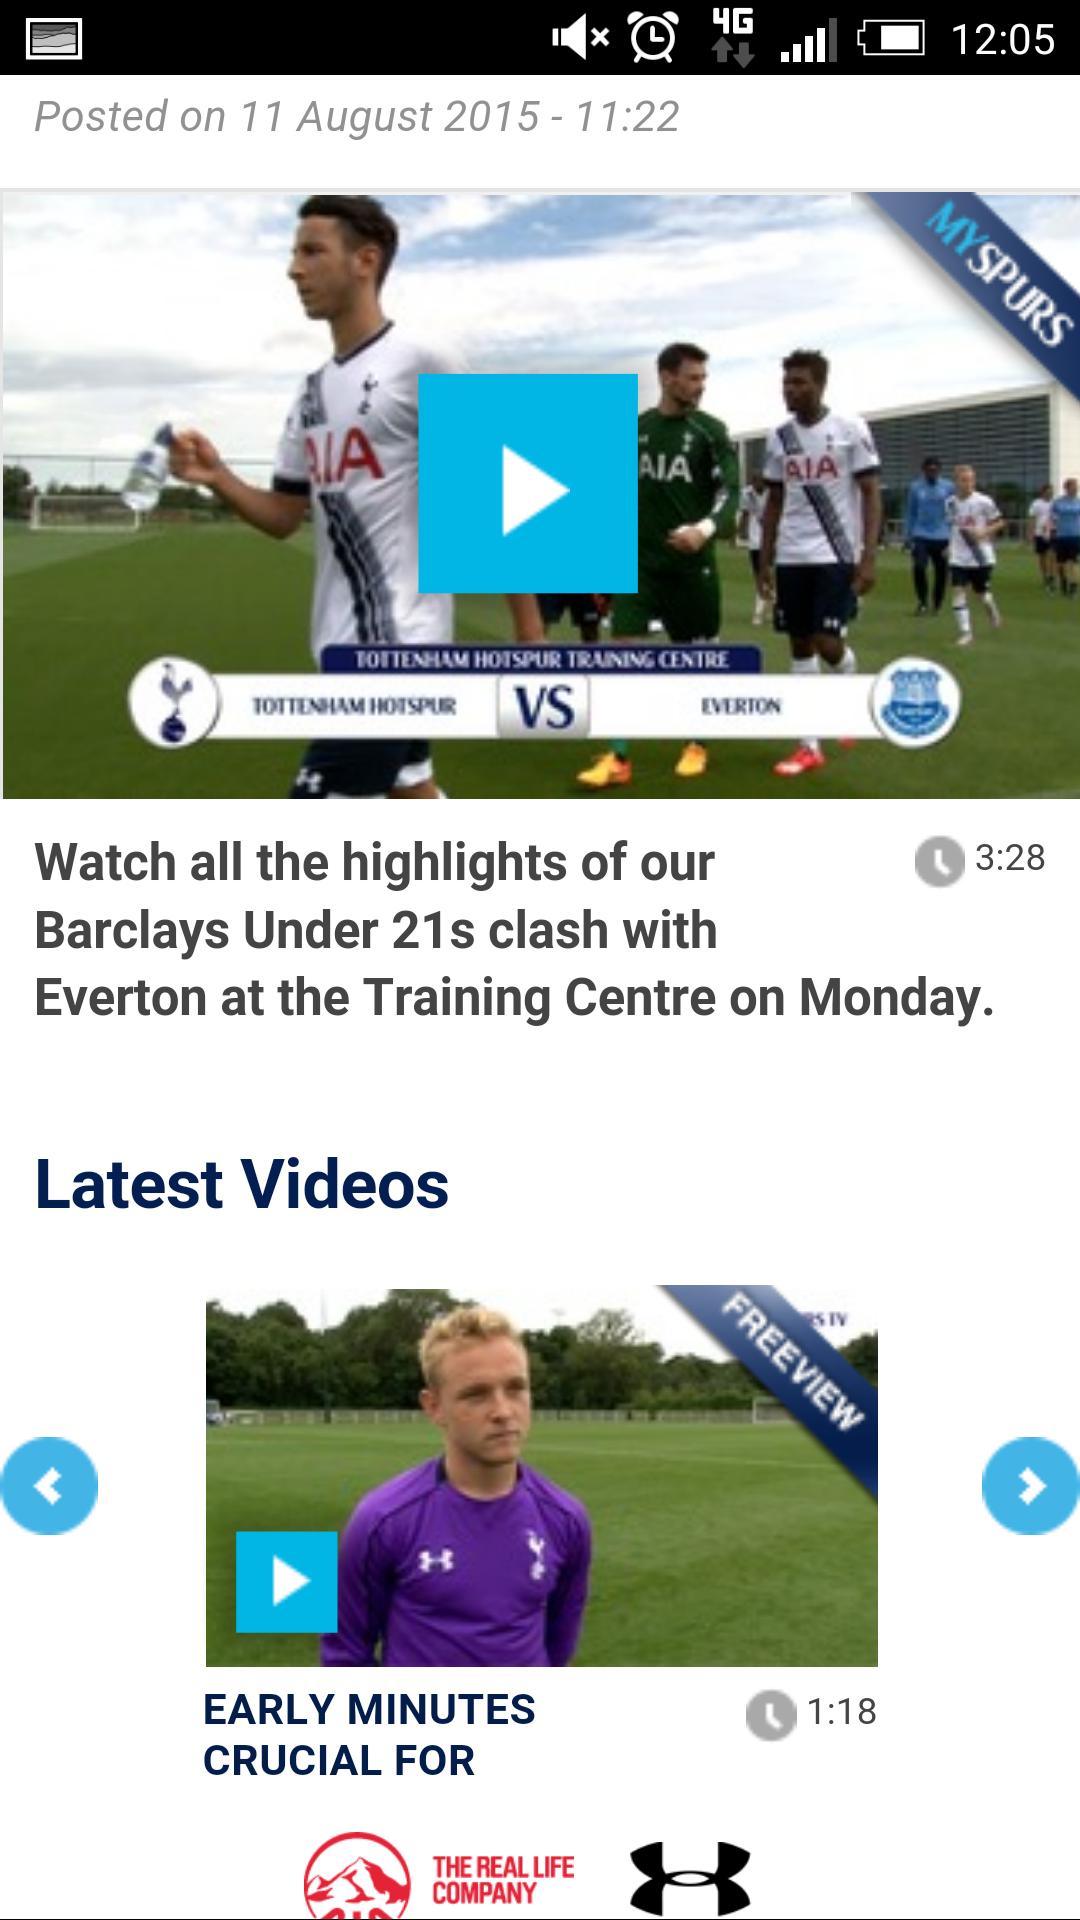 Tottenham Hotspur mobile site